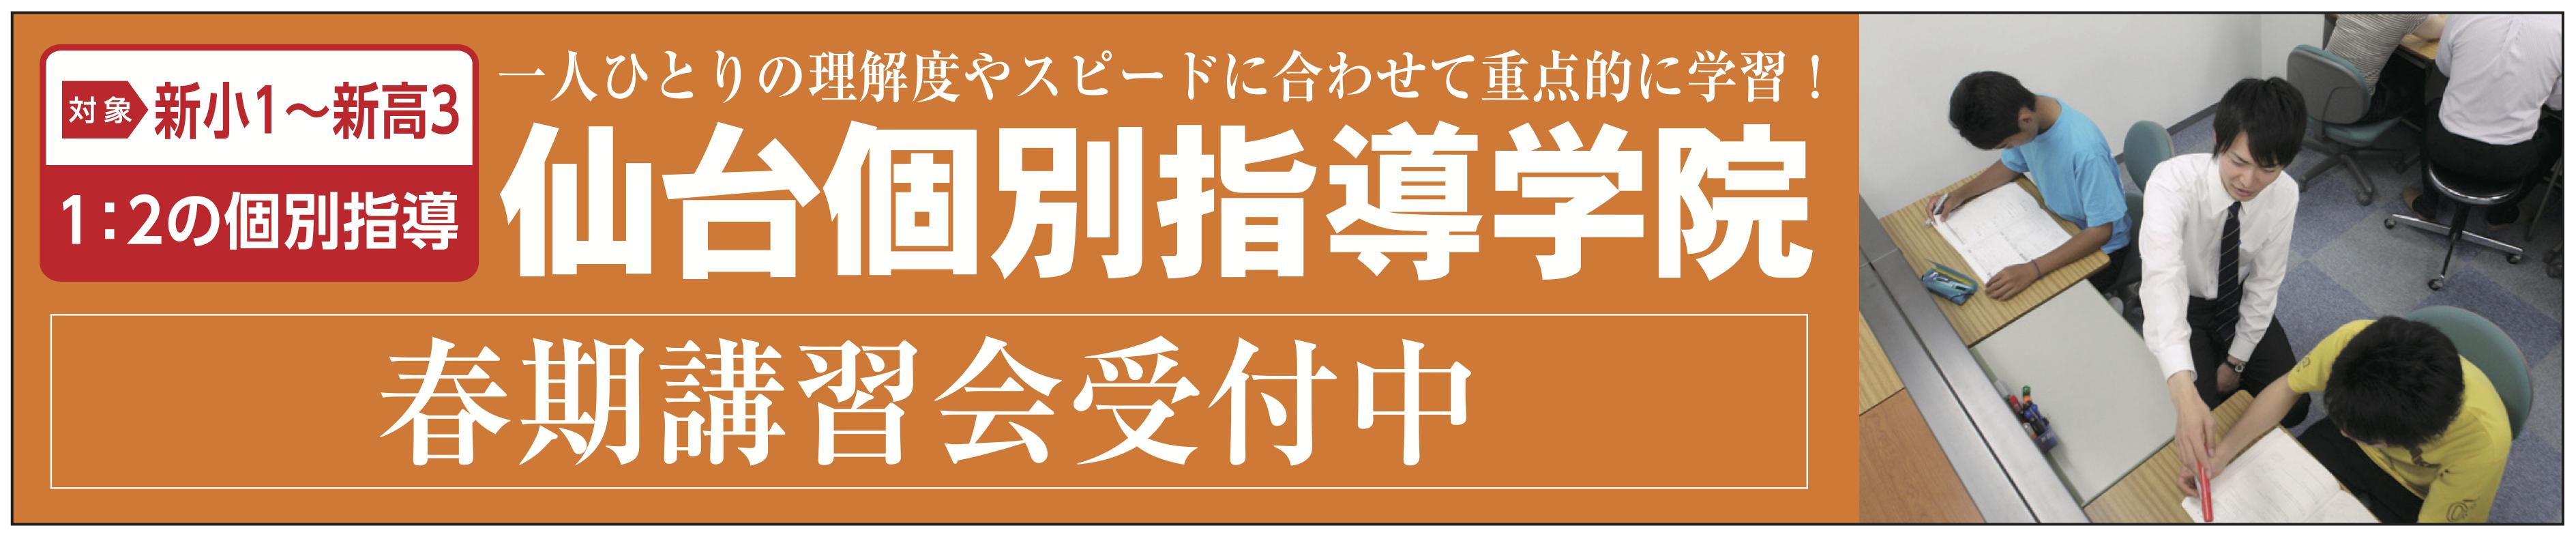 仙台個別指導学院_春期講習2021